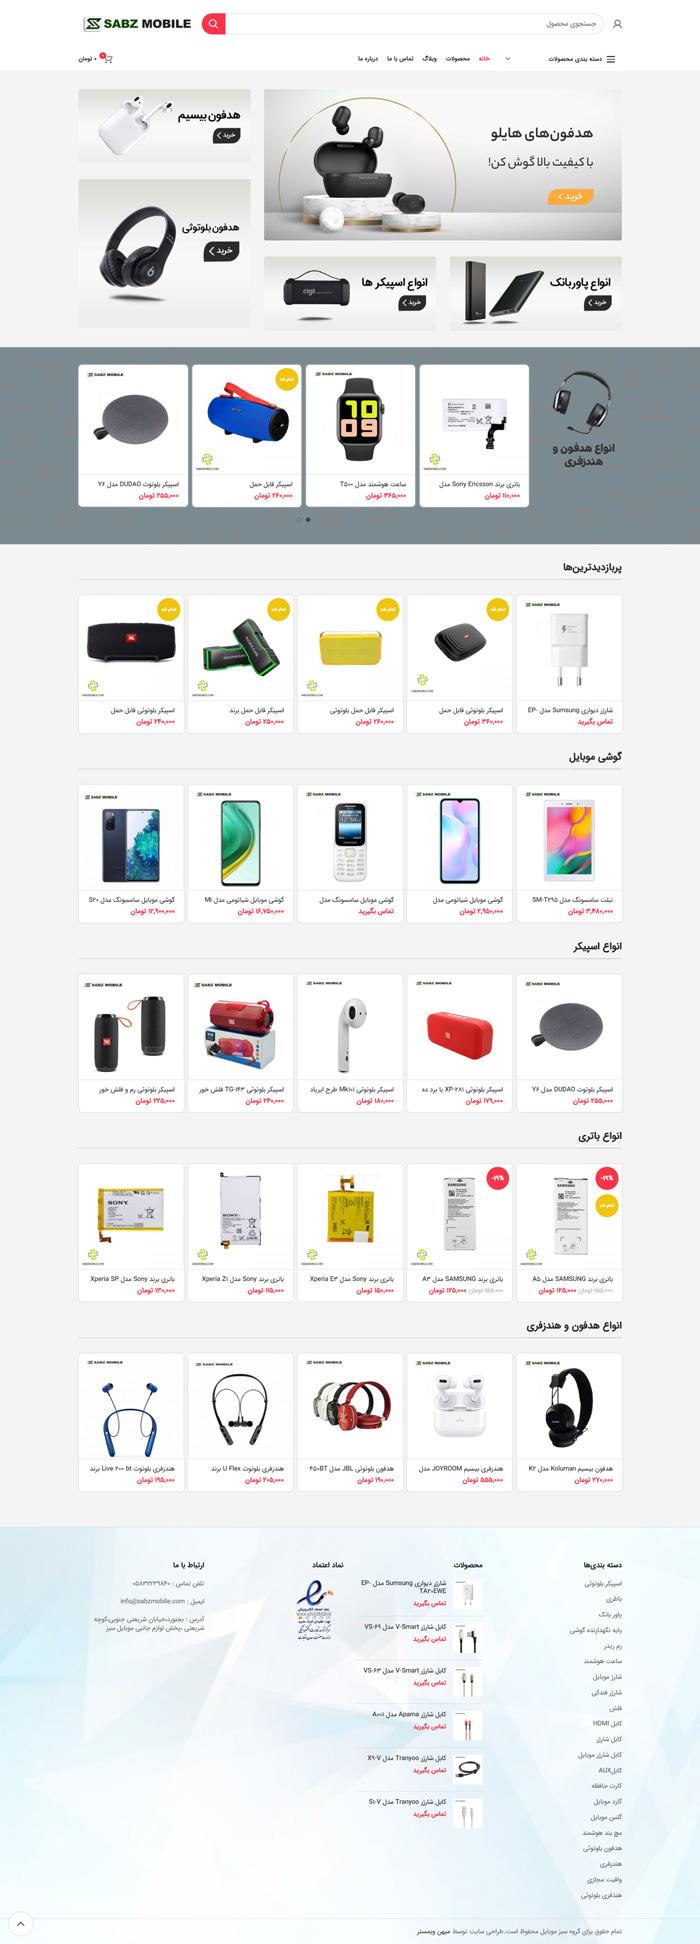 طراحی فروشگاه اینترنتی لوازم جانبی موبایل سبز